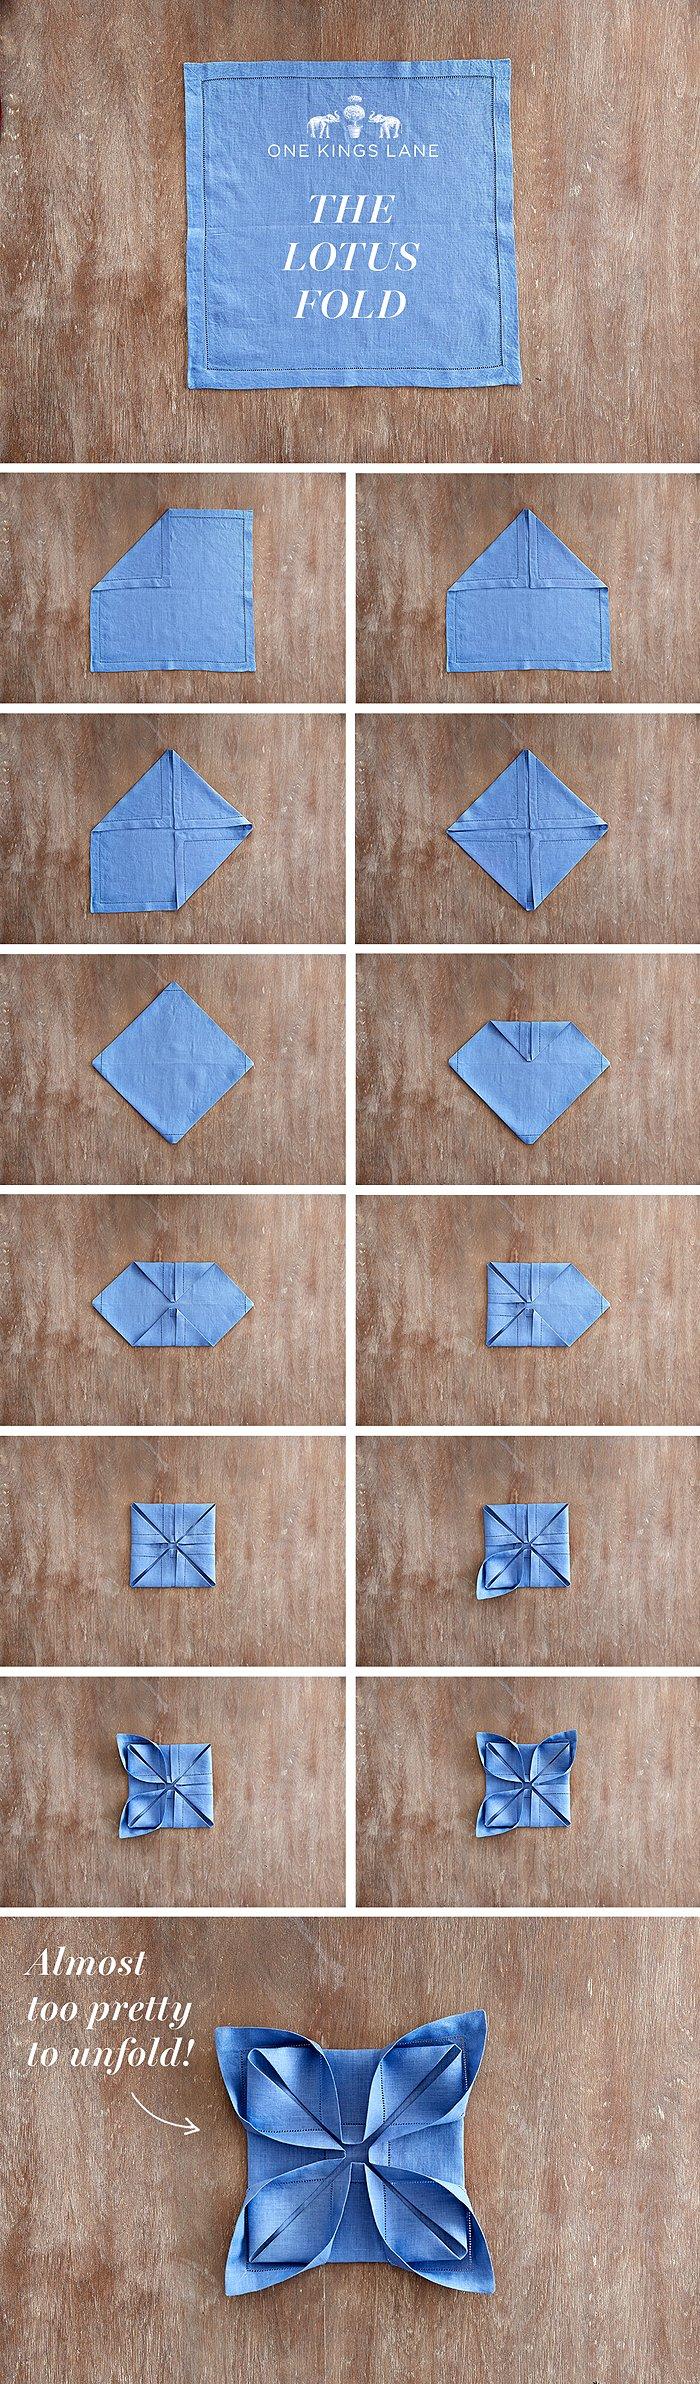 Napkin Pin_Lotus Fold (2)